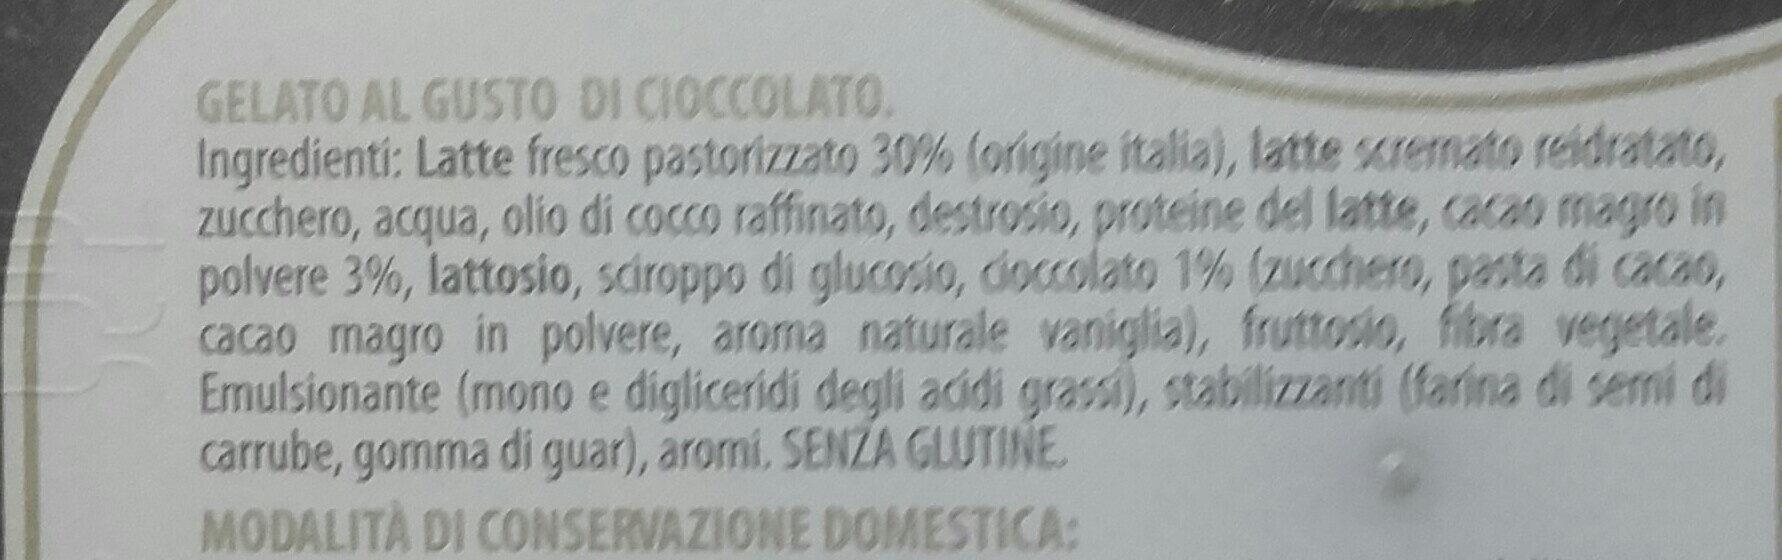 Gelato cioccolato - Ingrédients - it